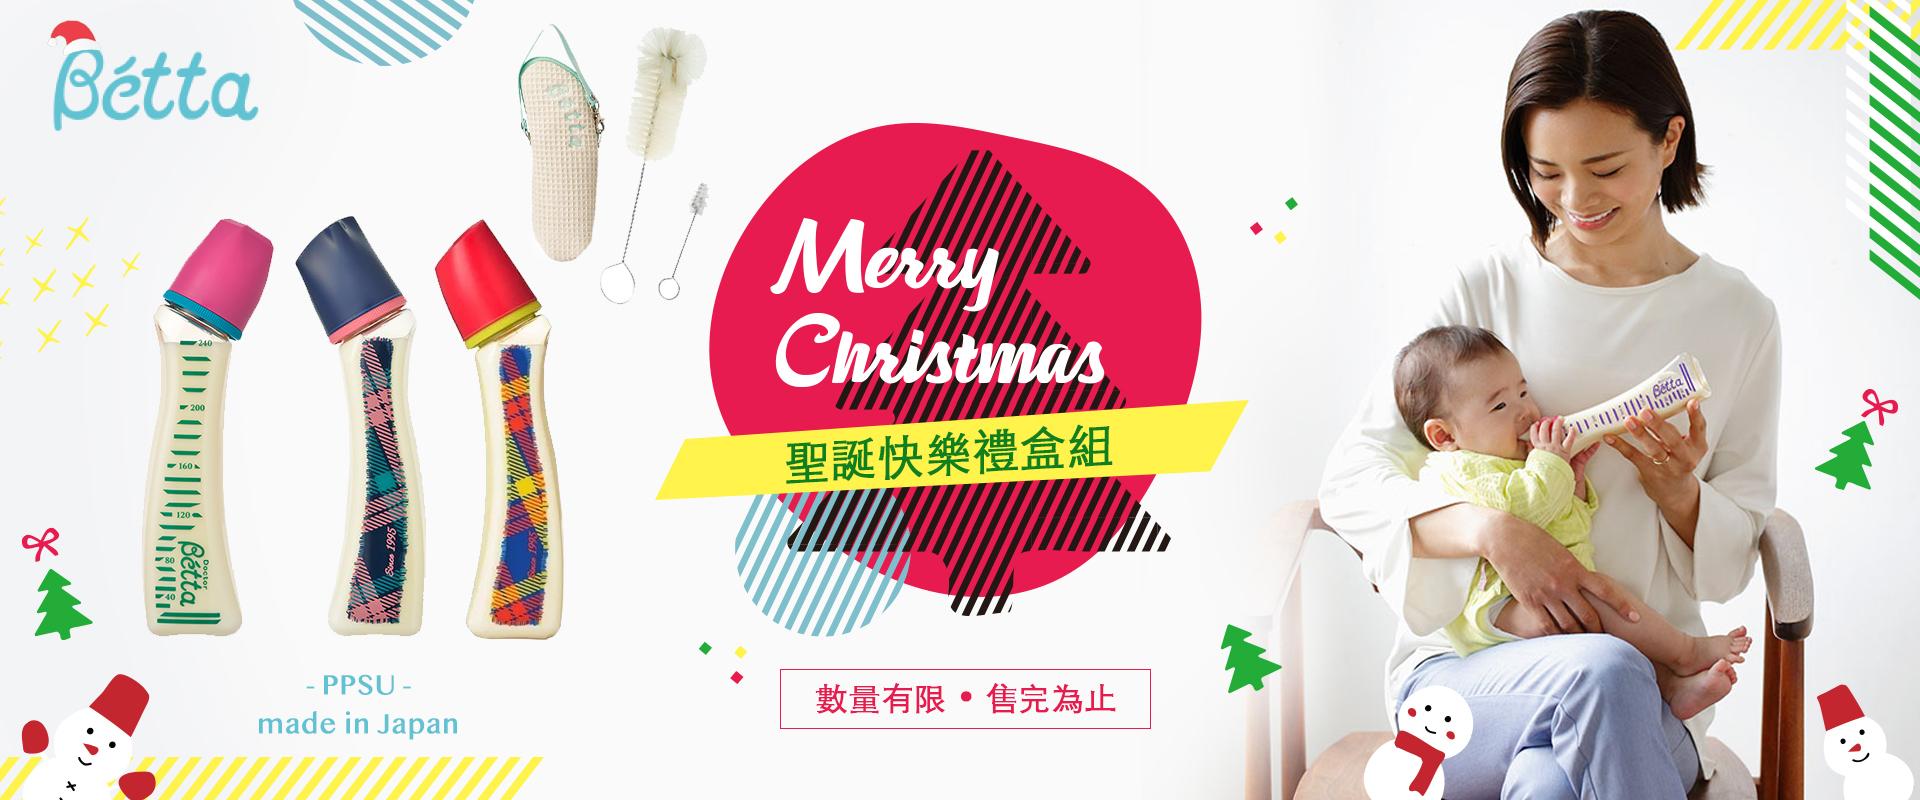 日本 Dr. Betta奶瓶2018聖誕快樂禮盒組